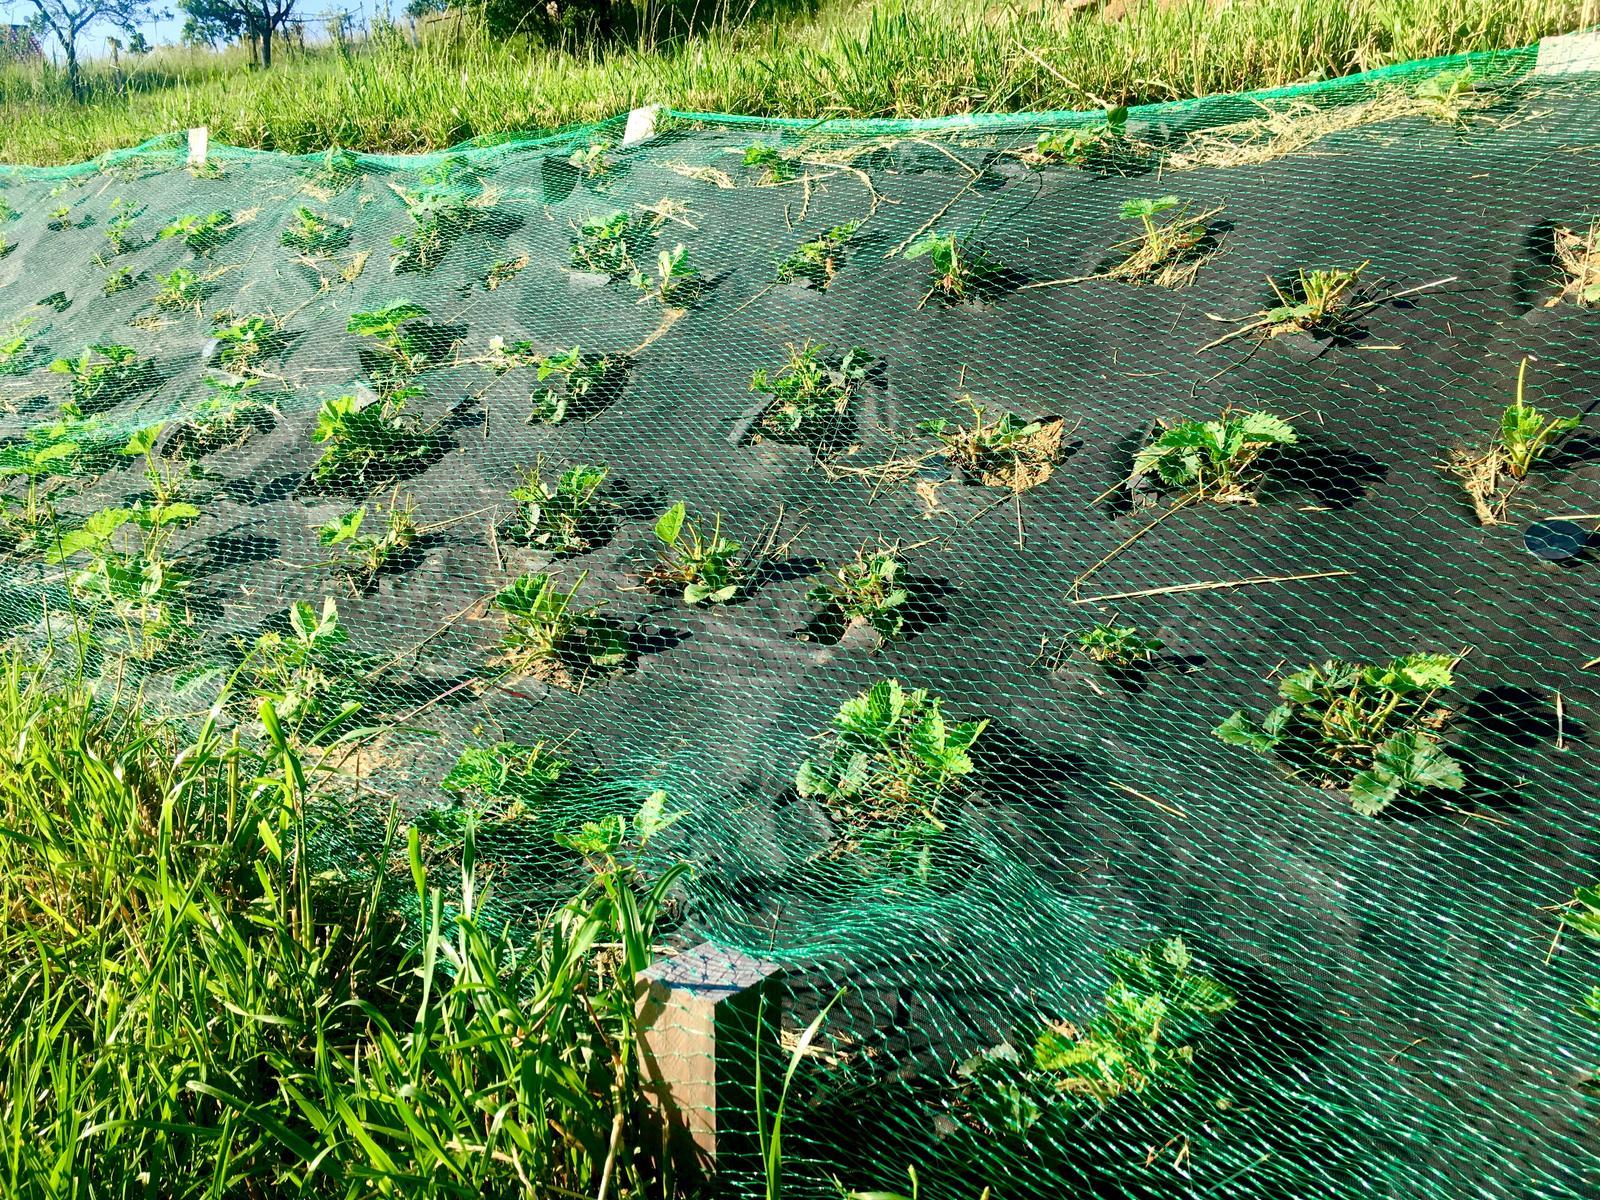 Skřítčí zahrada 2015 - 2020 - Červen 2019 - srny požíraly jahodníky a ke kořenům i navzdory ultrazvukovému plašítku, tak zkoušíme prostou plastovou síť